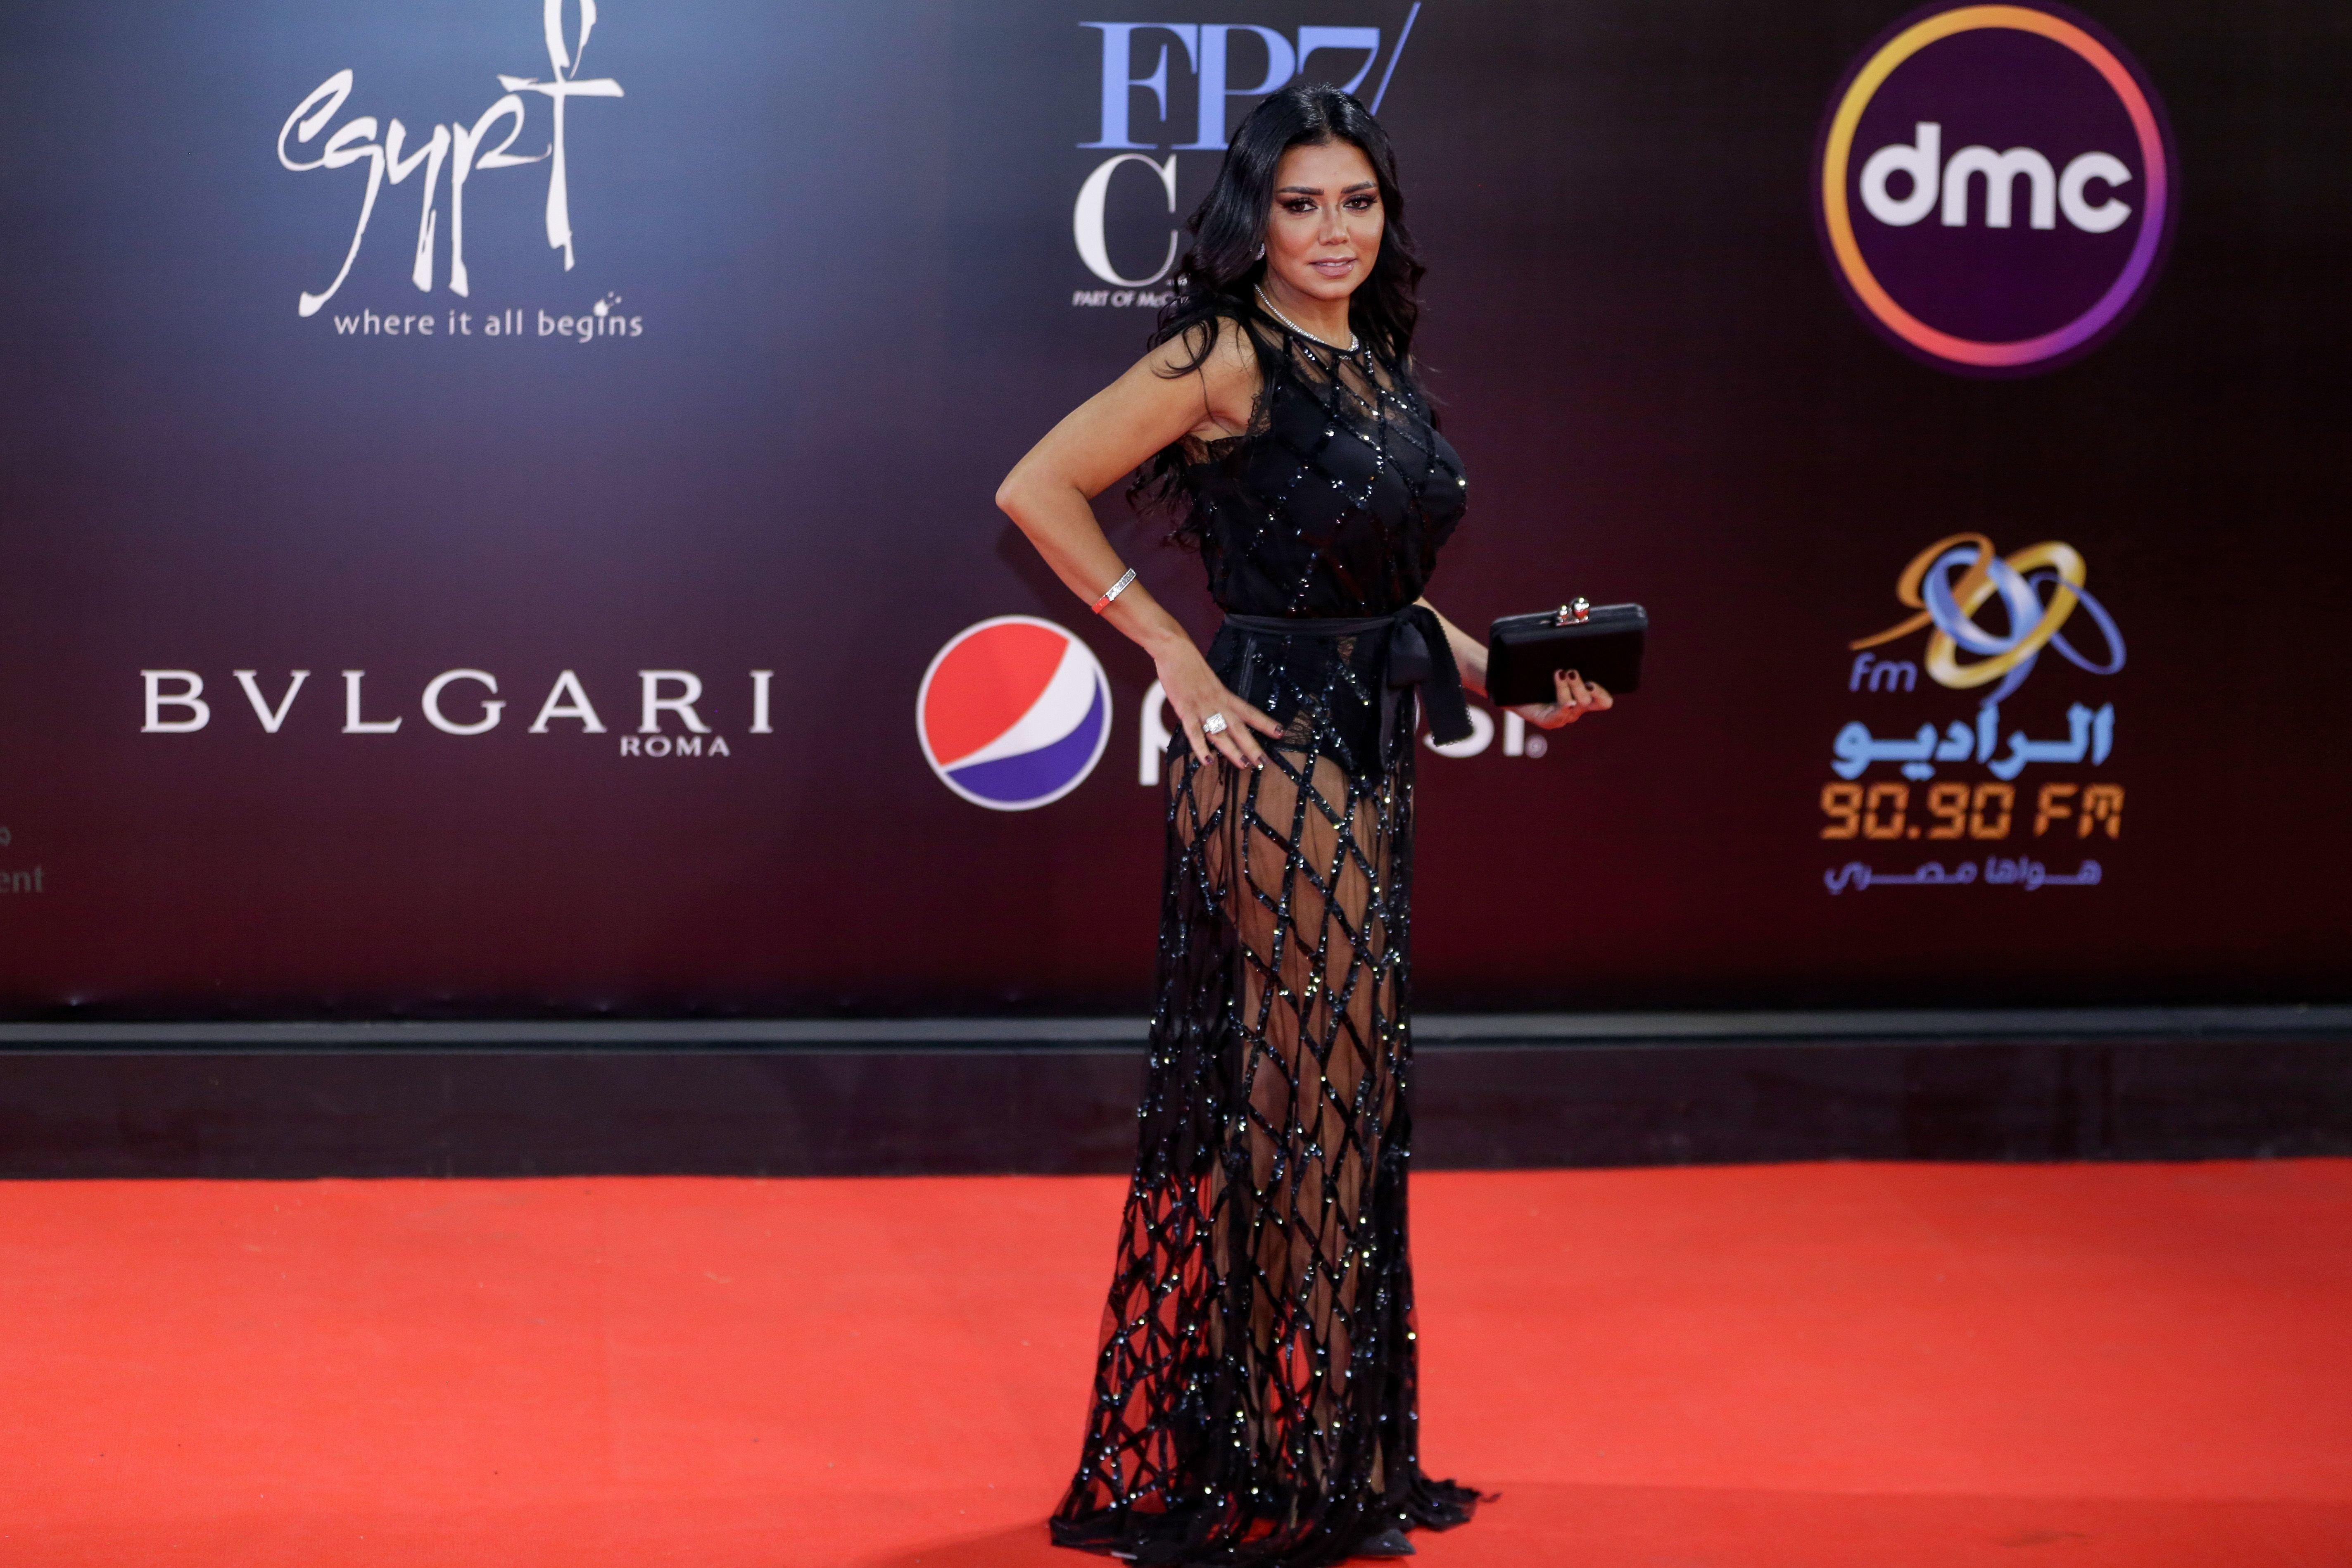 L'actrice Rania Youssef poursuivie en Égypte pour avoir porté cette robe